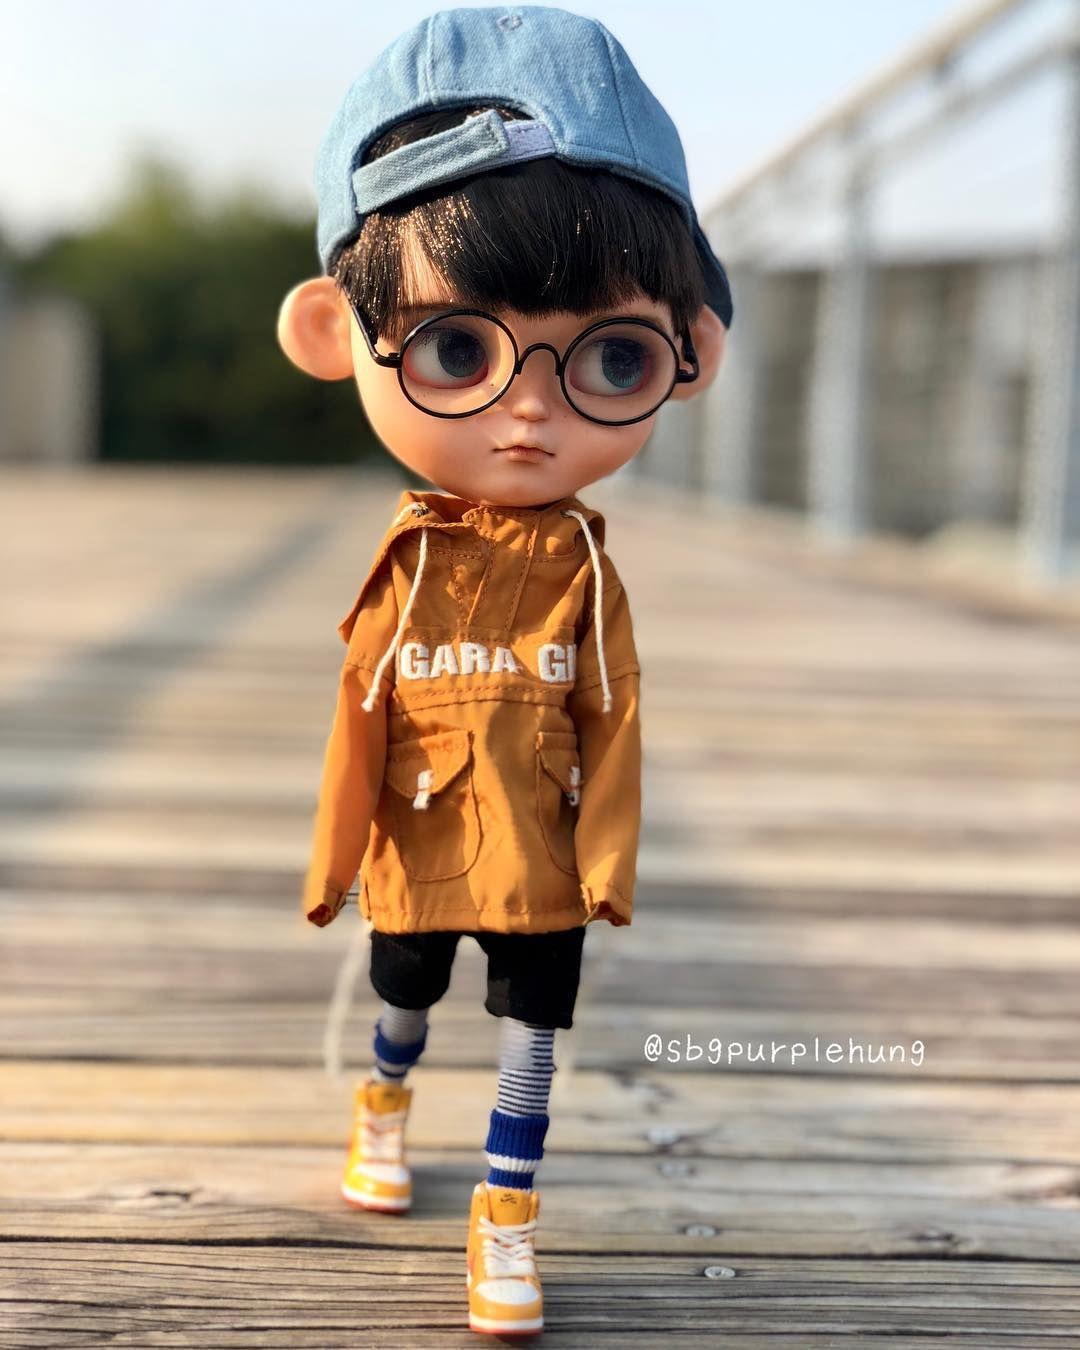 H Eikona Isws Periexei Ena H Perissotera Atoma Atoma Stekontai Paidi Kai Ypai8ries Drasthriothte Cute Cartoon Boy Baby Cartoon Drawing Cute Cartoon Pictures